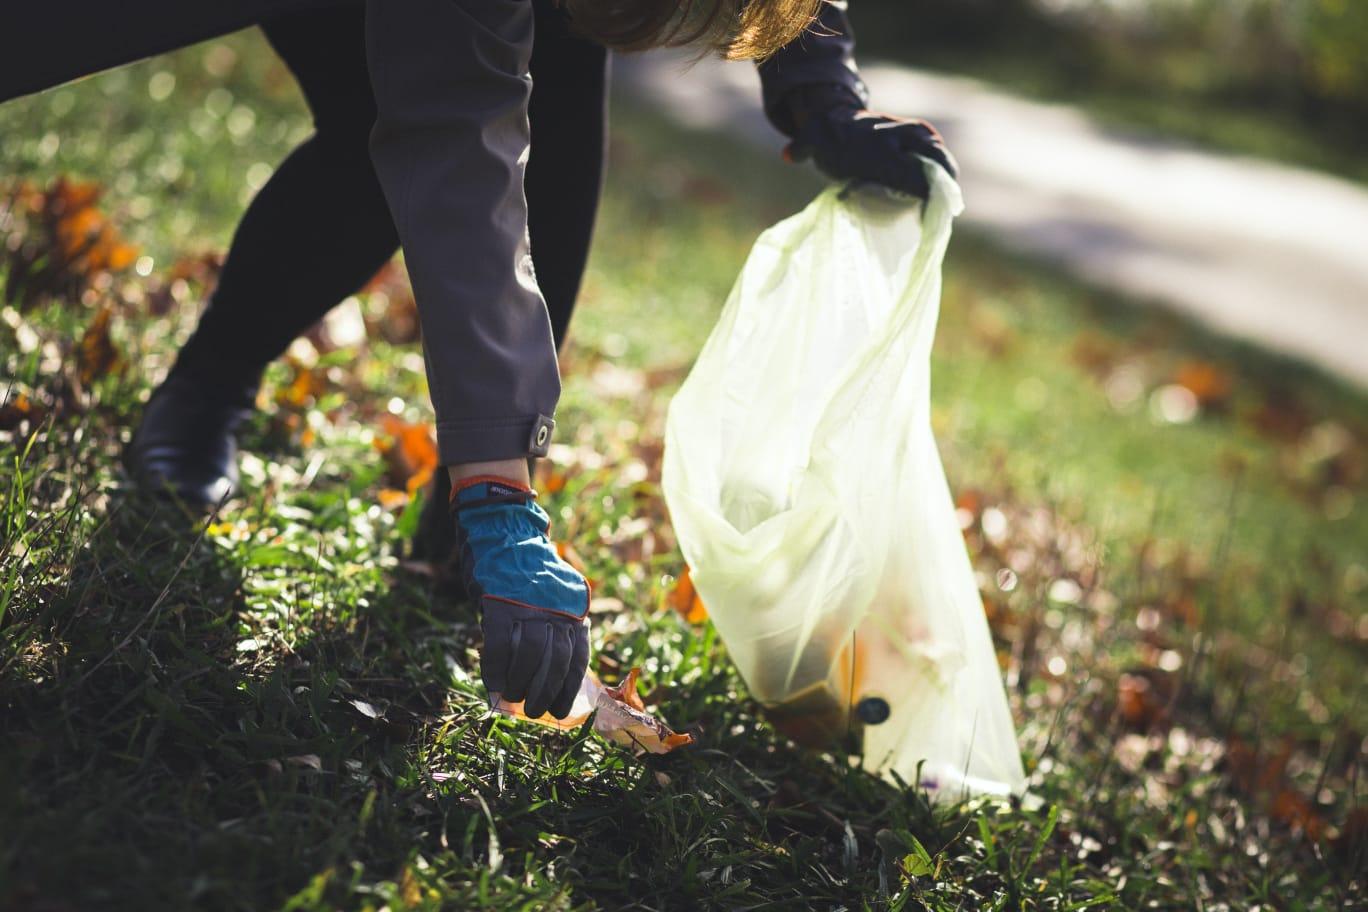 Ob im Wald oder sonst wo im Grünen – die Teilnehmer rücken mit eigenen Müllsäcken zum Einsammeln aus – Fotos: © Simone Hart